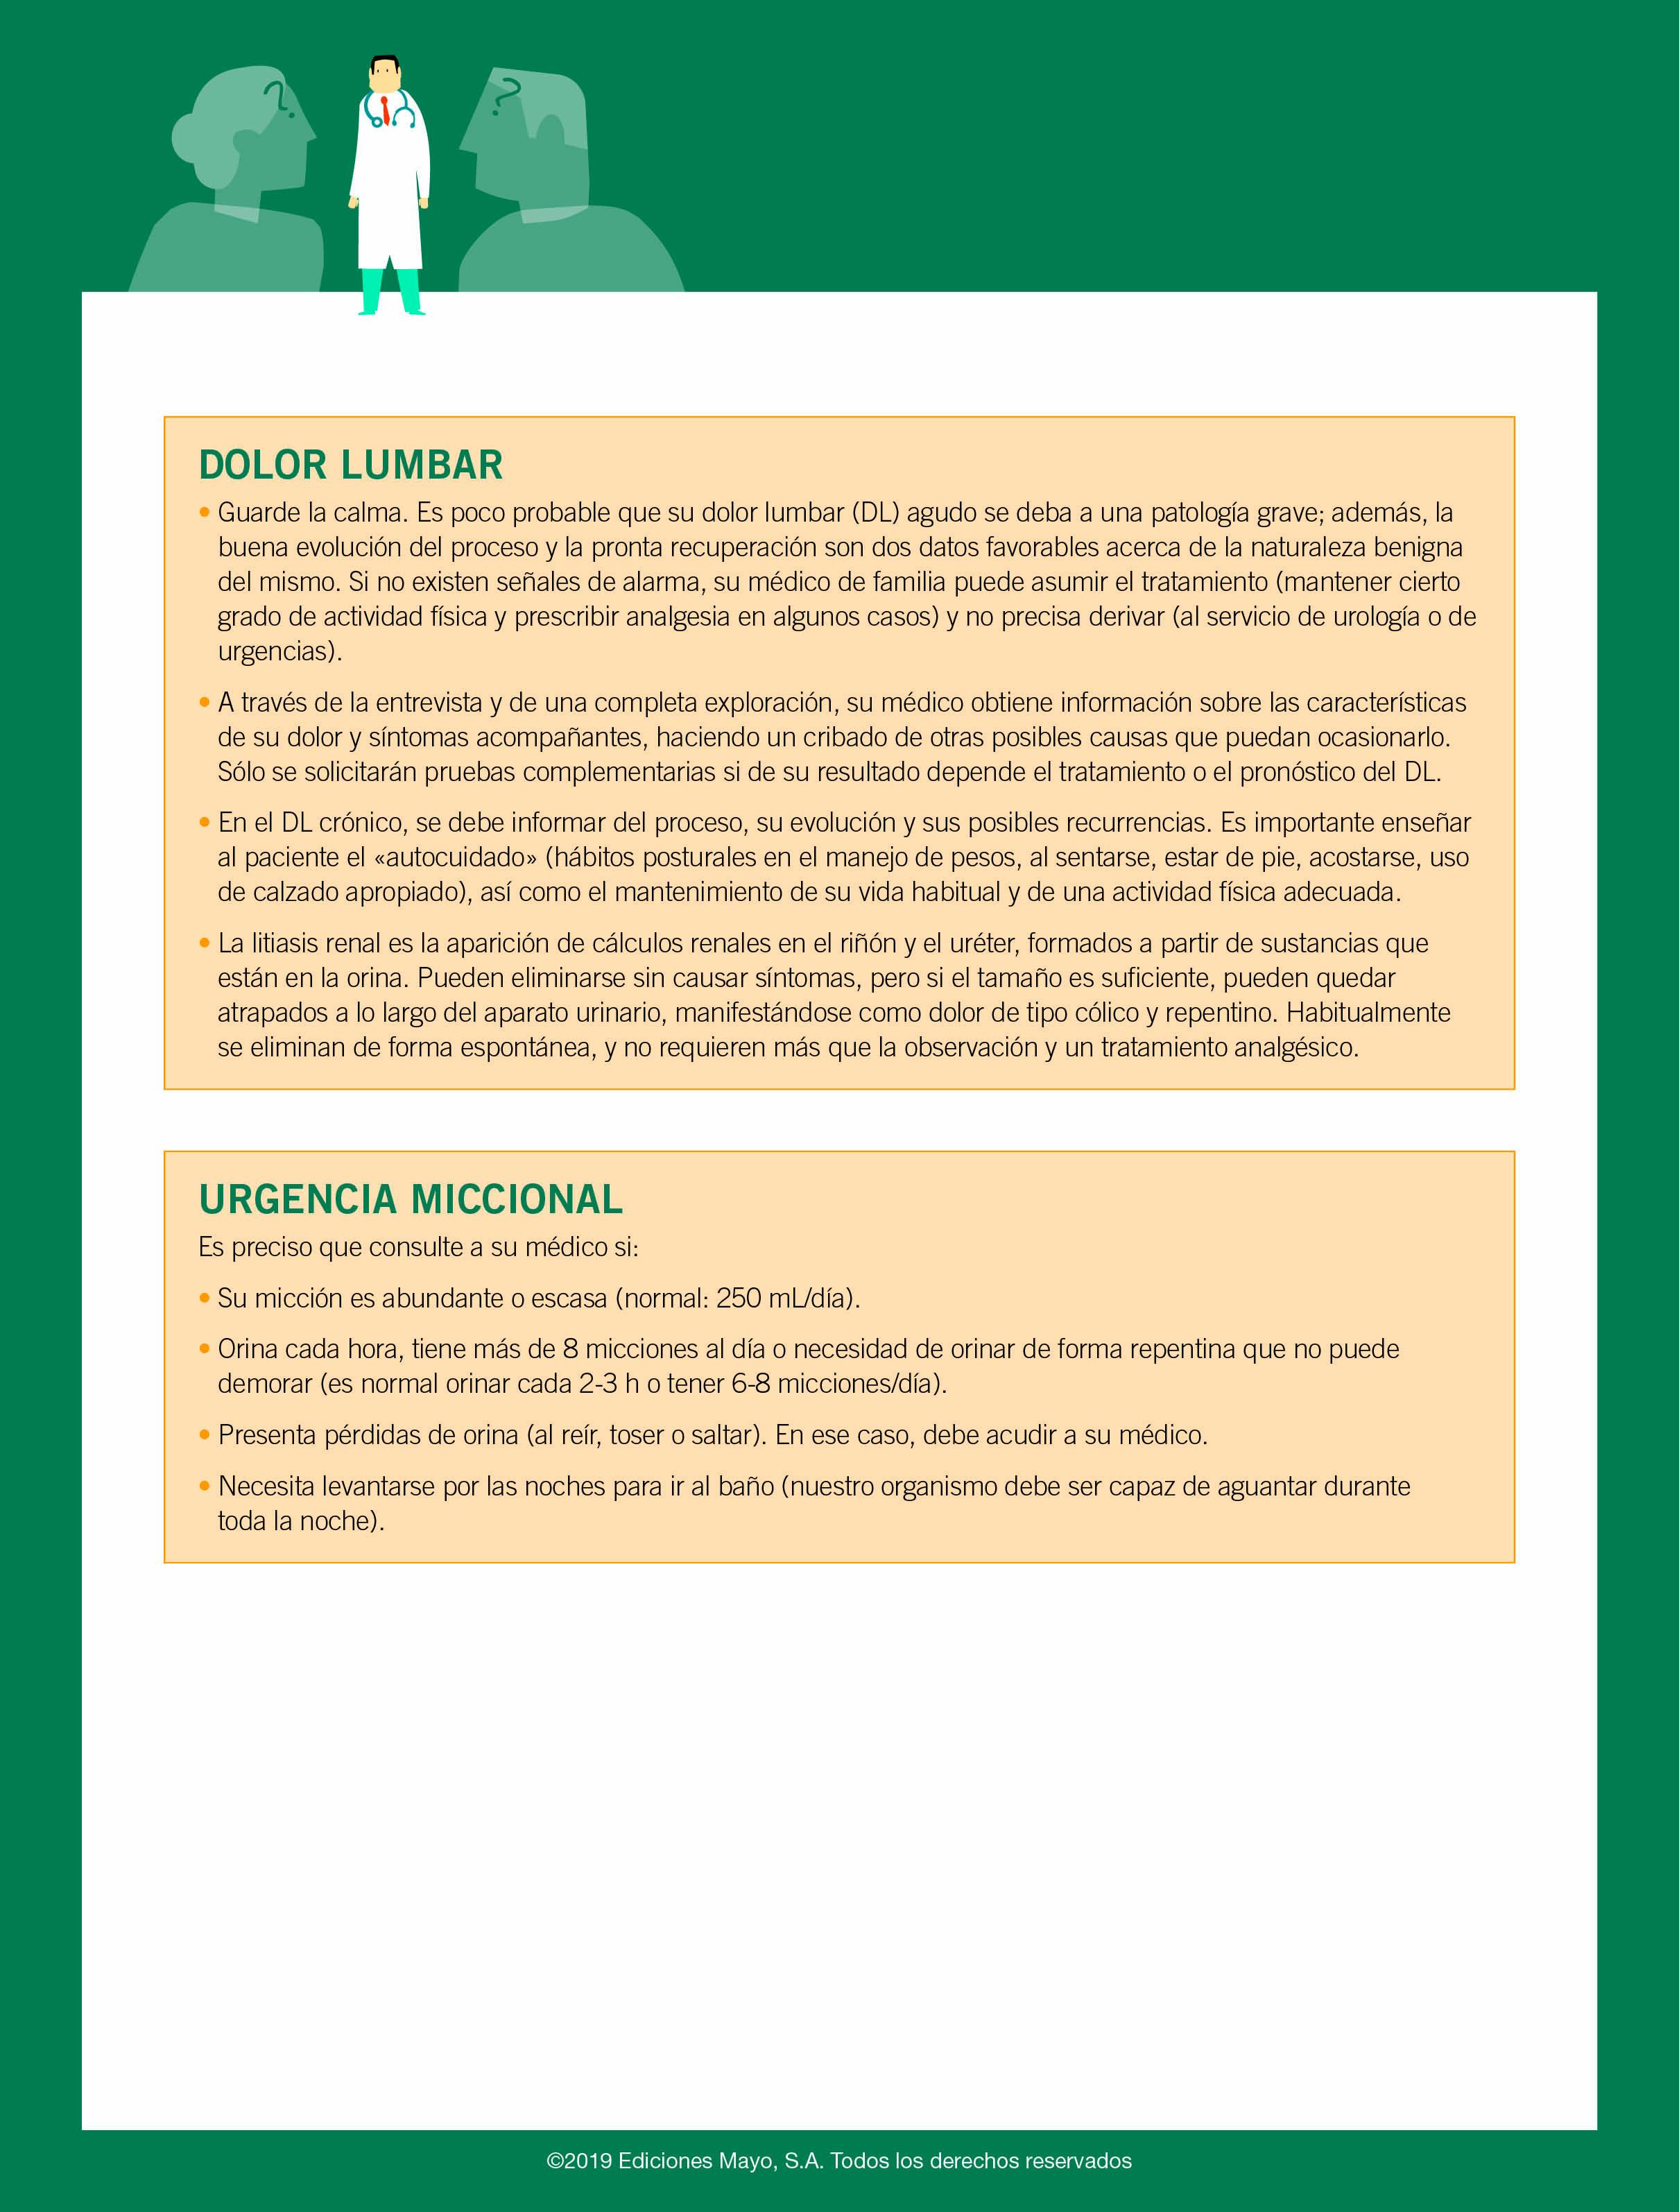 la ciática puede causar micción frecuente